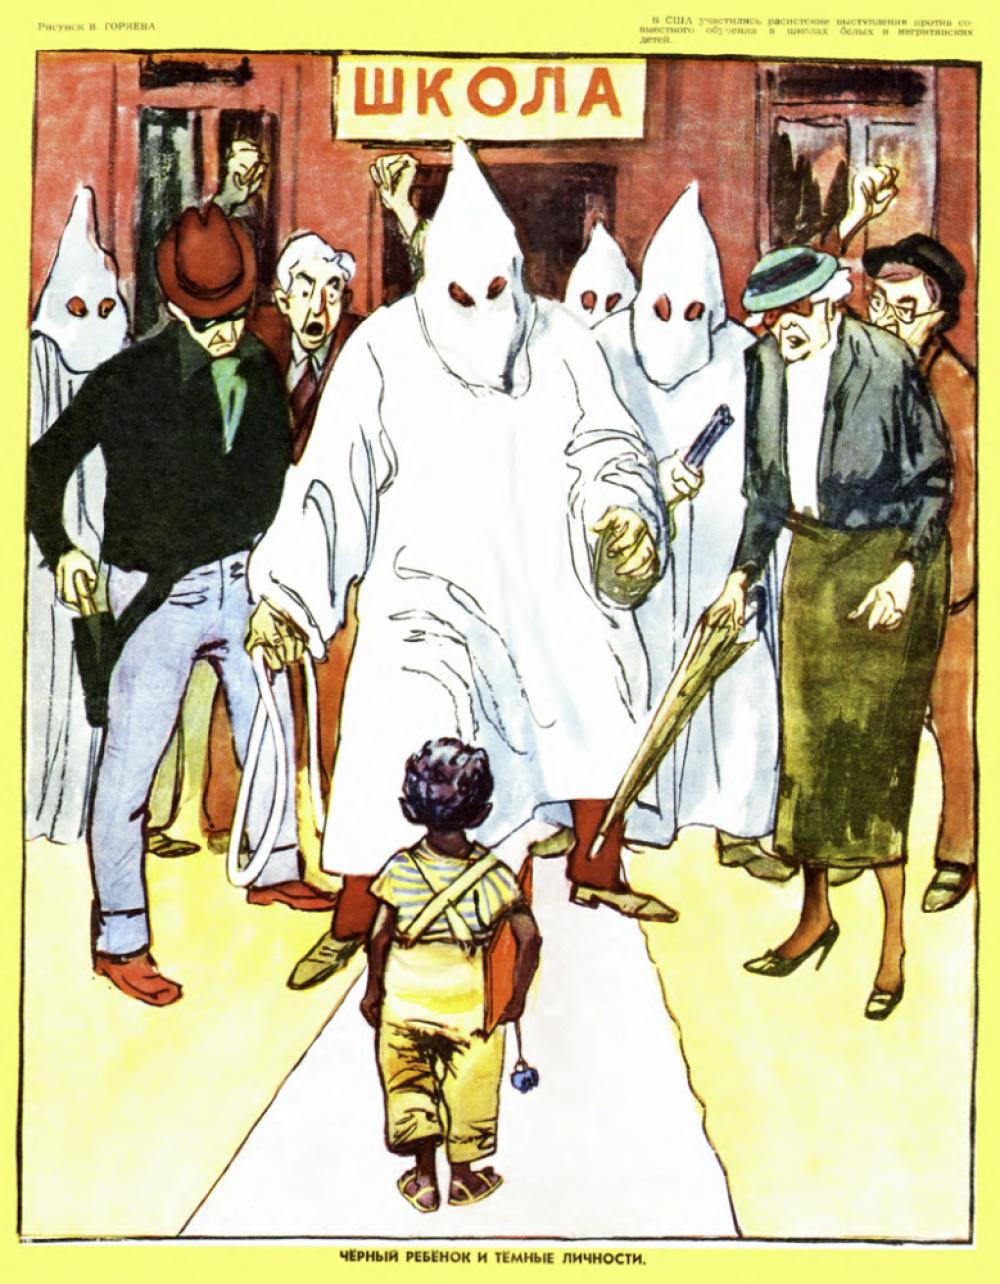 Чёрный ребёнок и тёмные личности. Из № 27 за 1956 год.